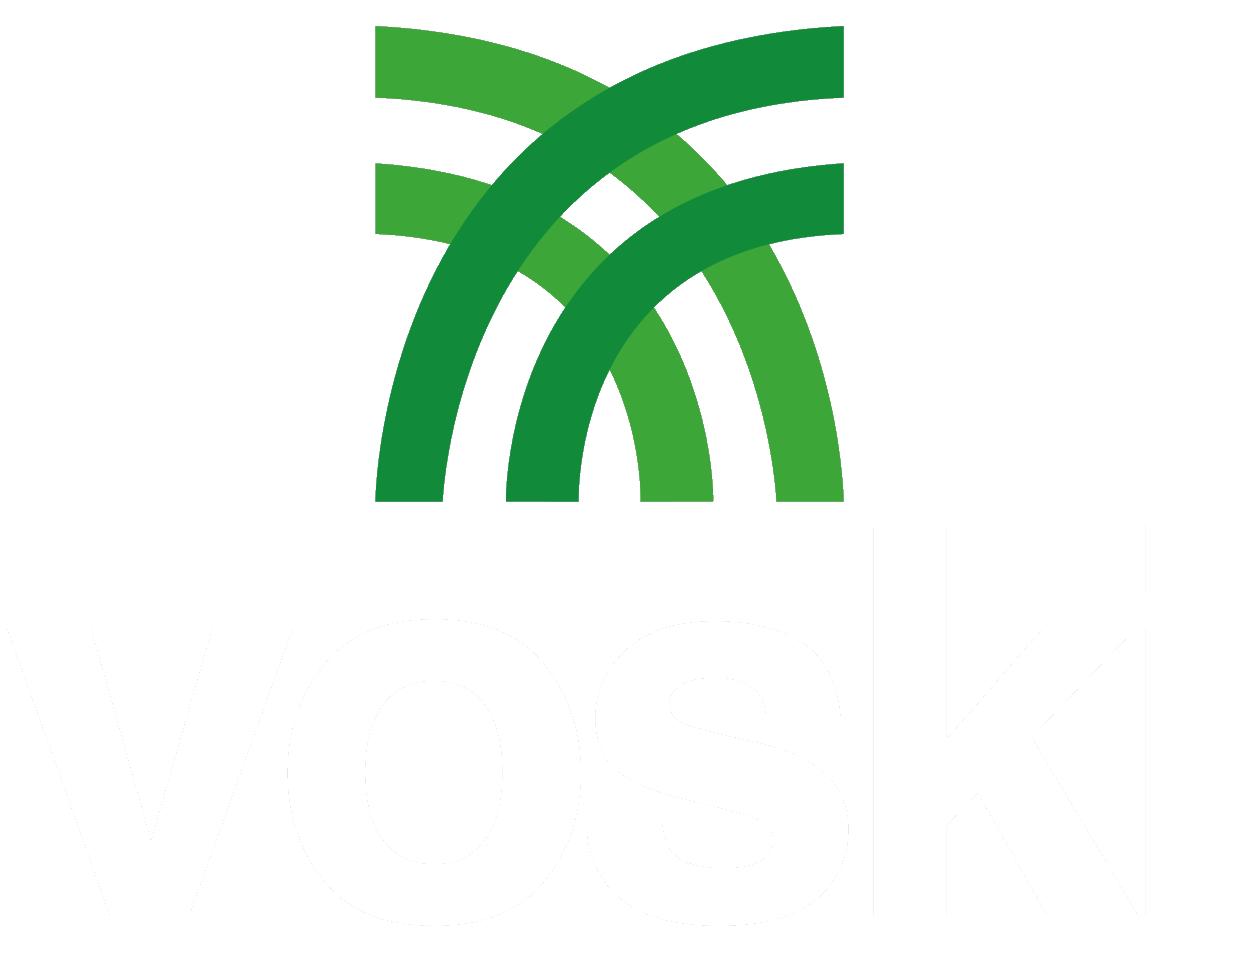 Logo Voski letras blancas